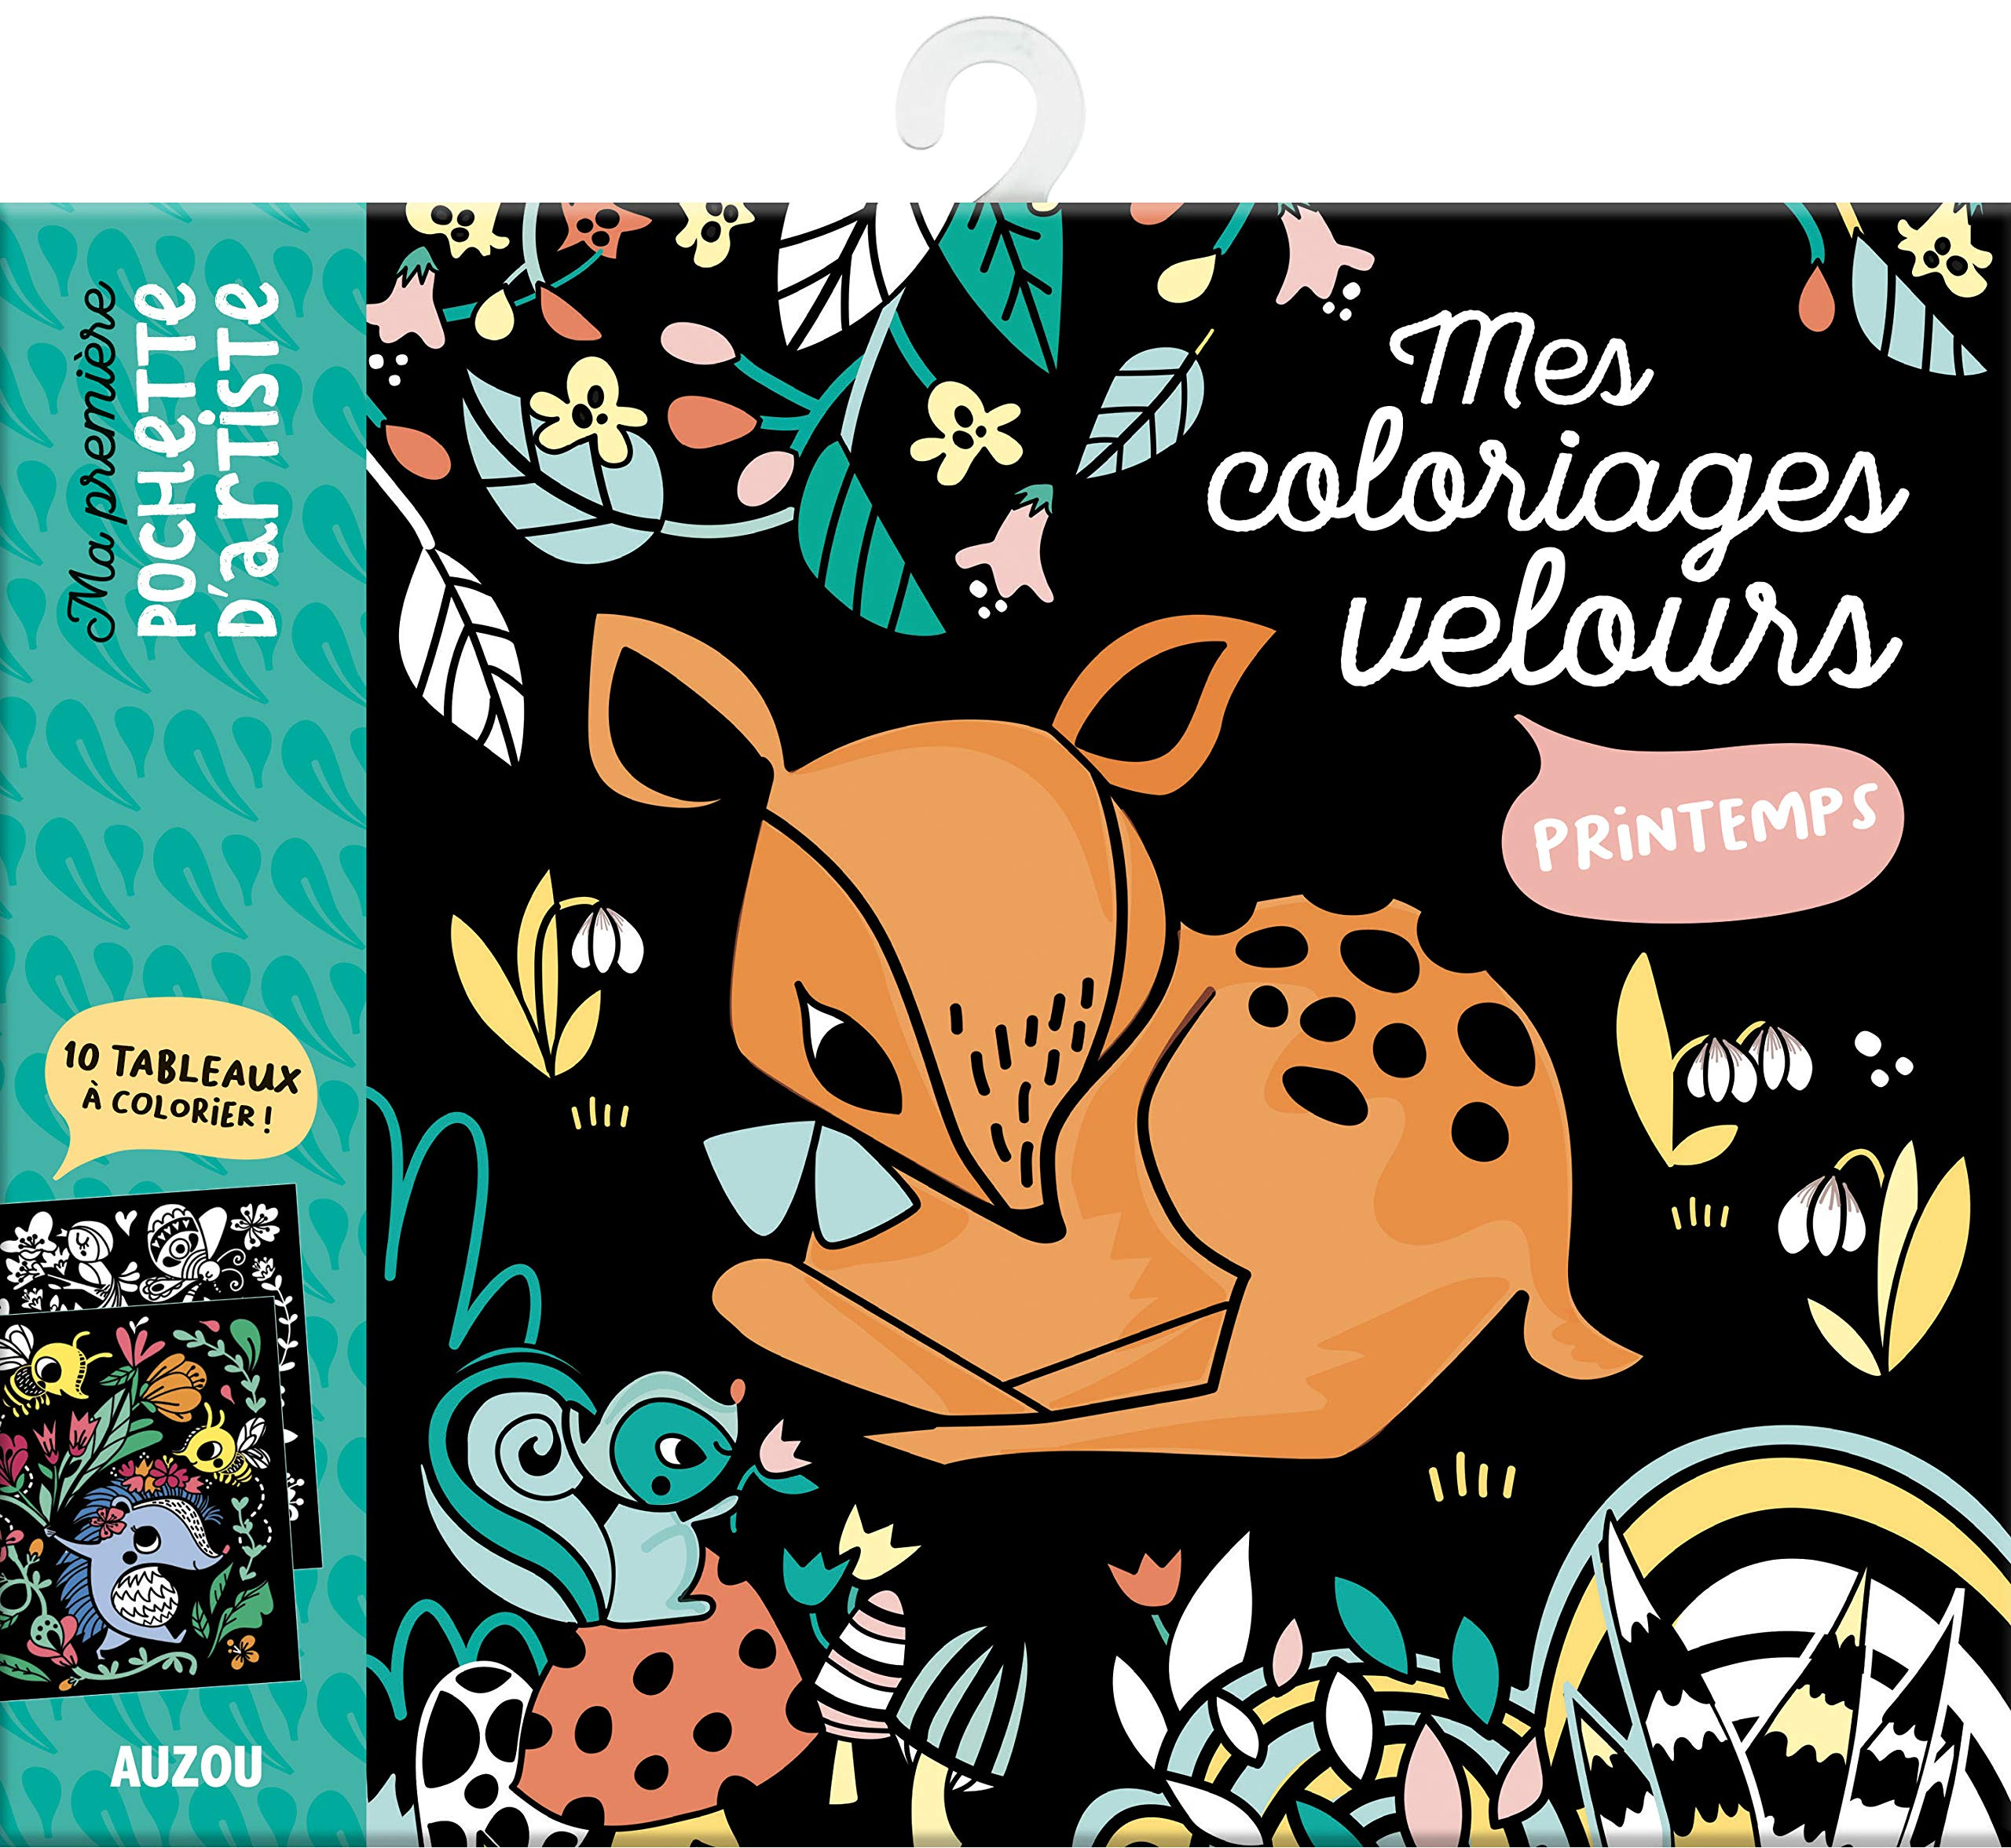 Mes Coloriages Velours Printemps 10 Tableaux A Colorier Amazon Fr Leschnikoff Nancy Livres